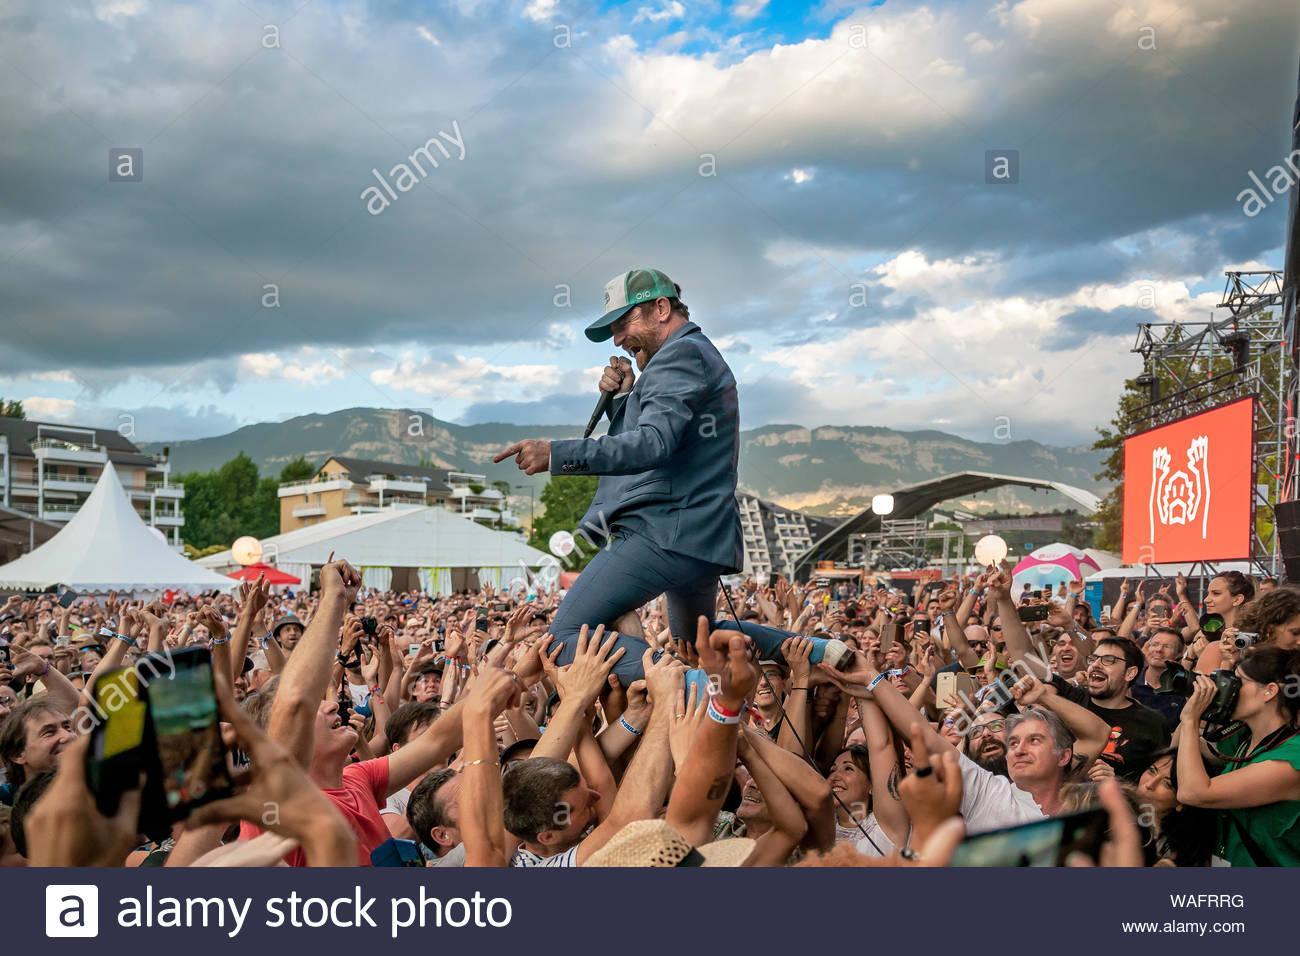 dionysos-musilac-le-12-juillet-2019-aix-